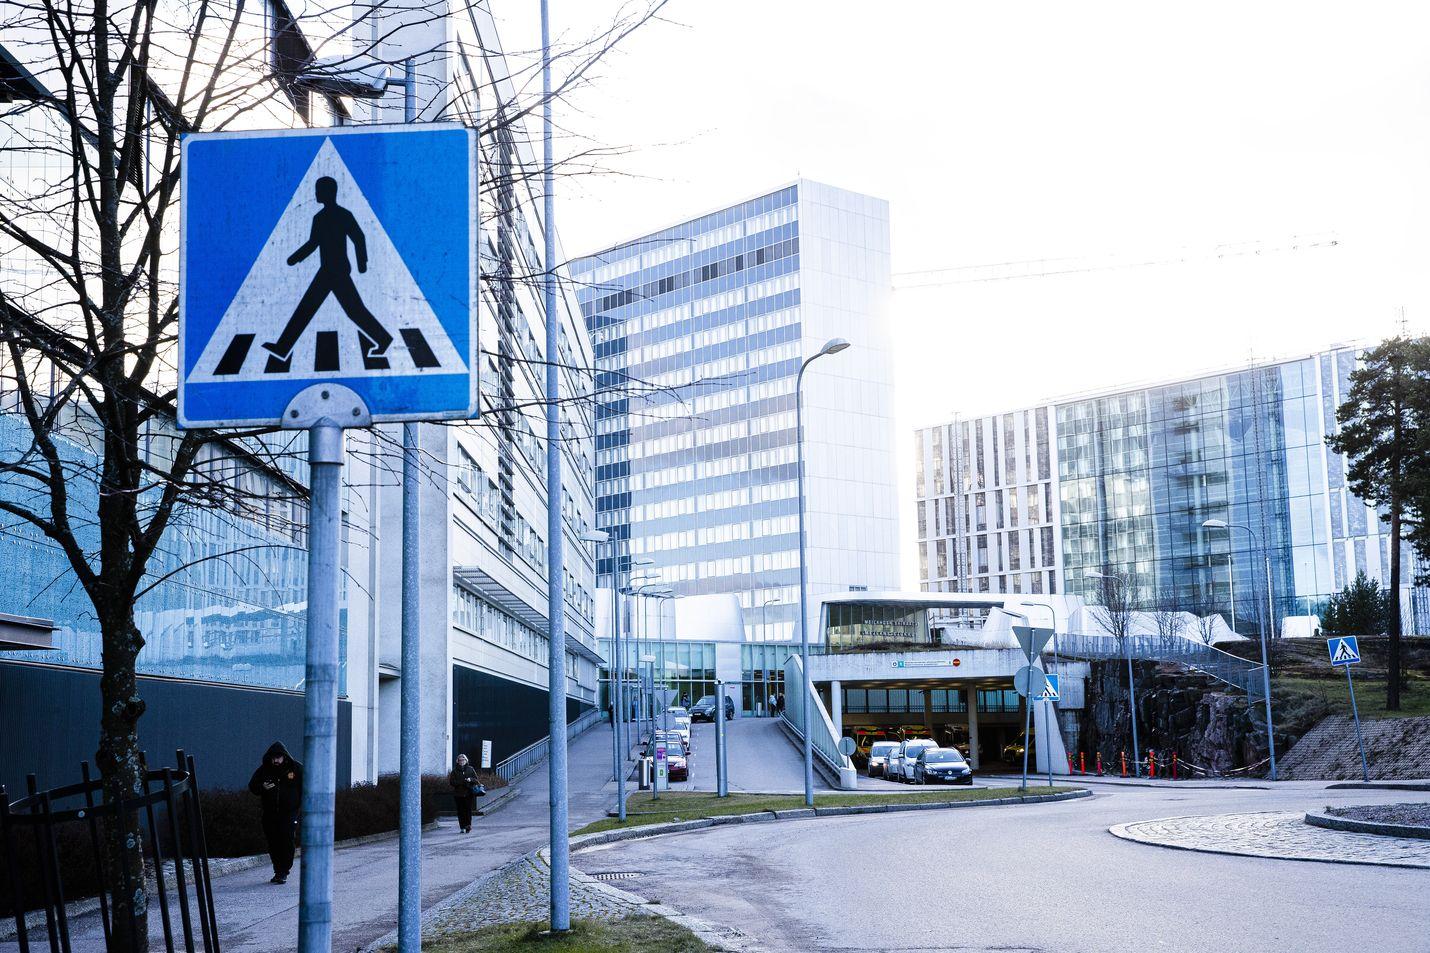 Sairaalahoitoa tarvitsevien koronaviruspotilaiden määrä on noussut yli 30:een Helsingin yliopistollisen sairaalan erityisvastuualueella.